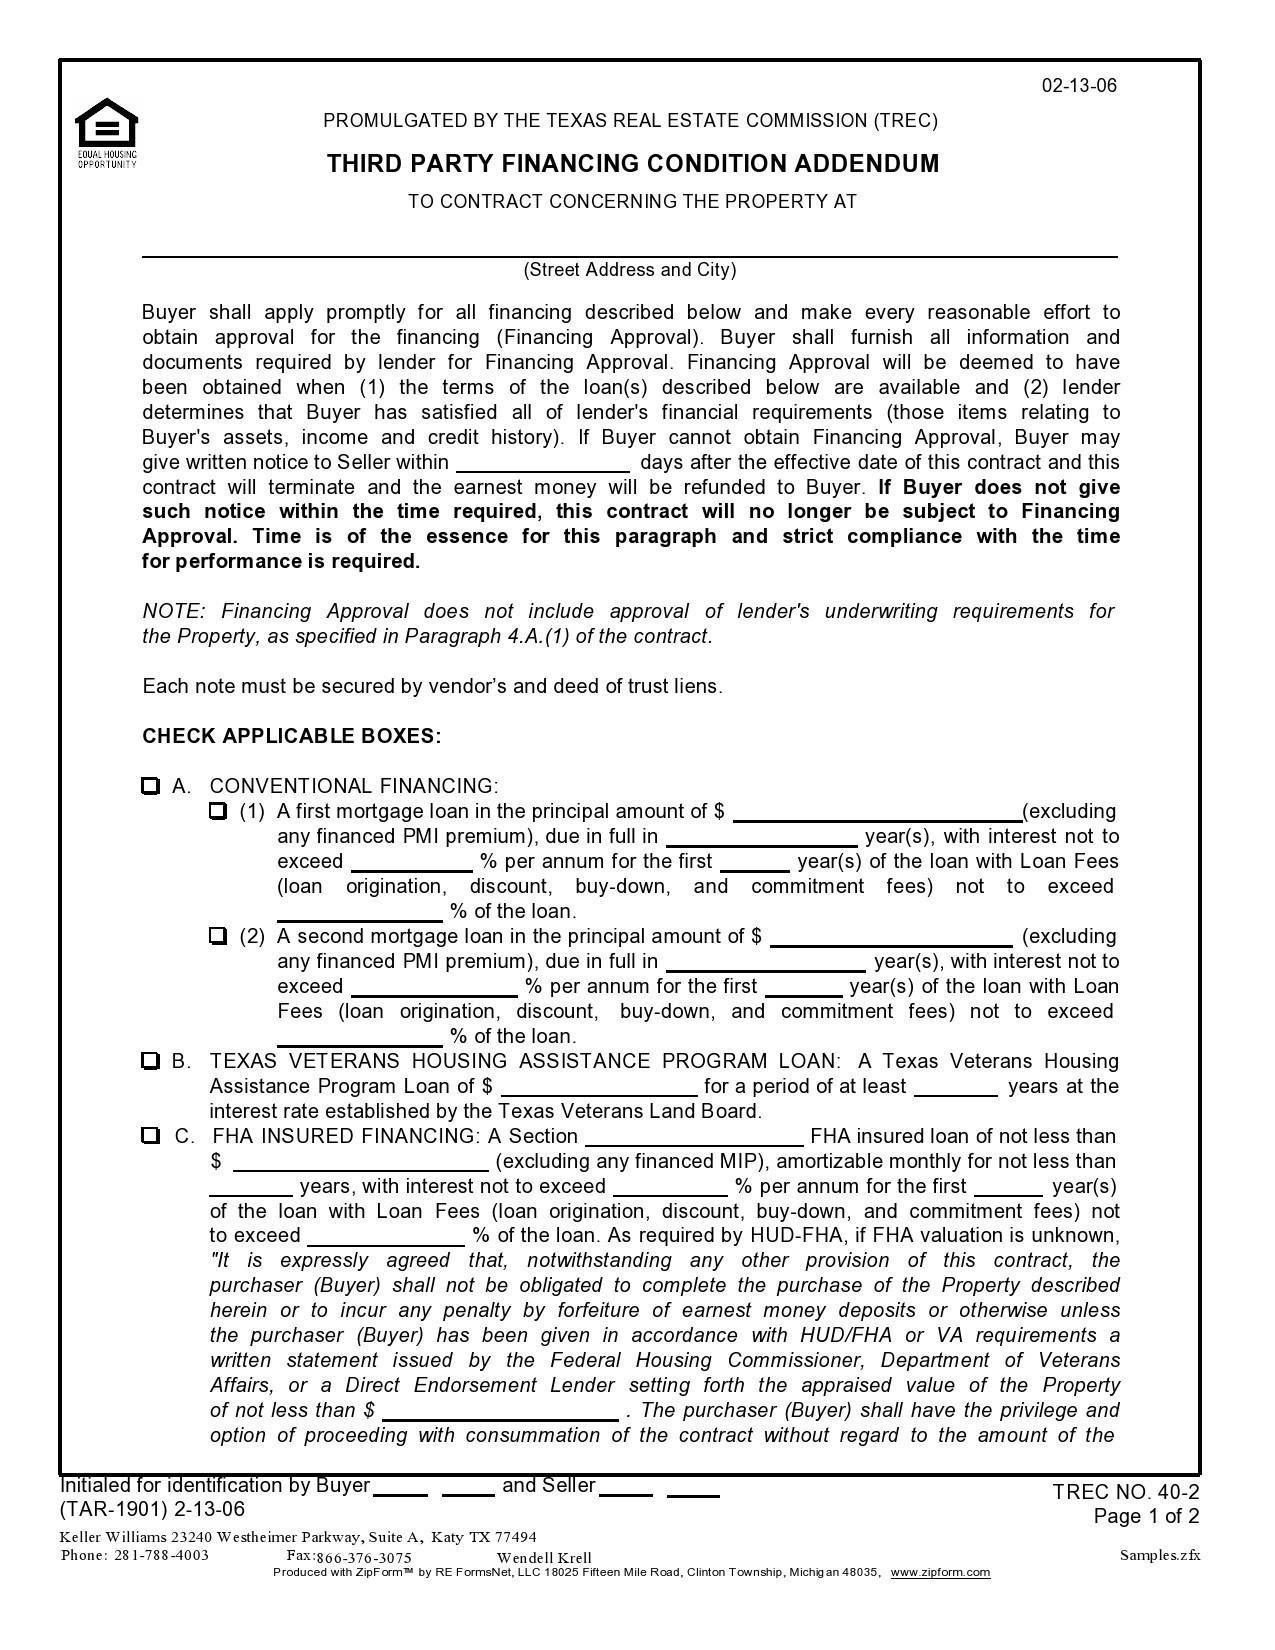 Free third party financing addendum 03